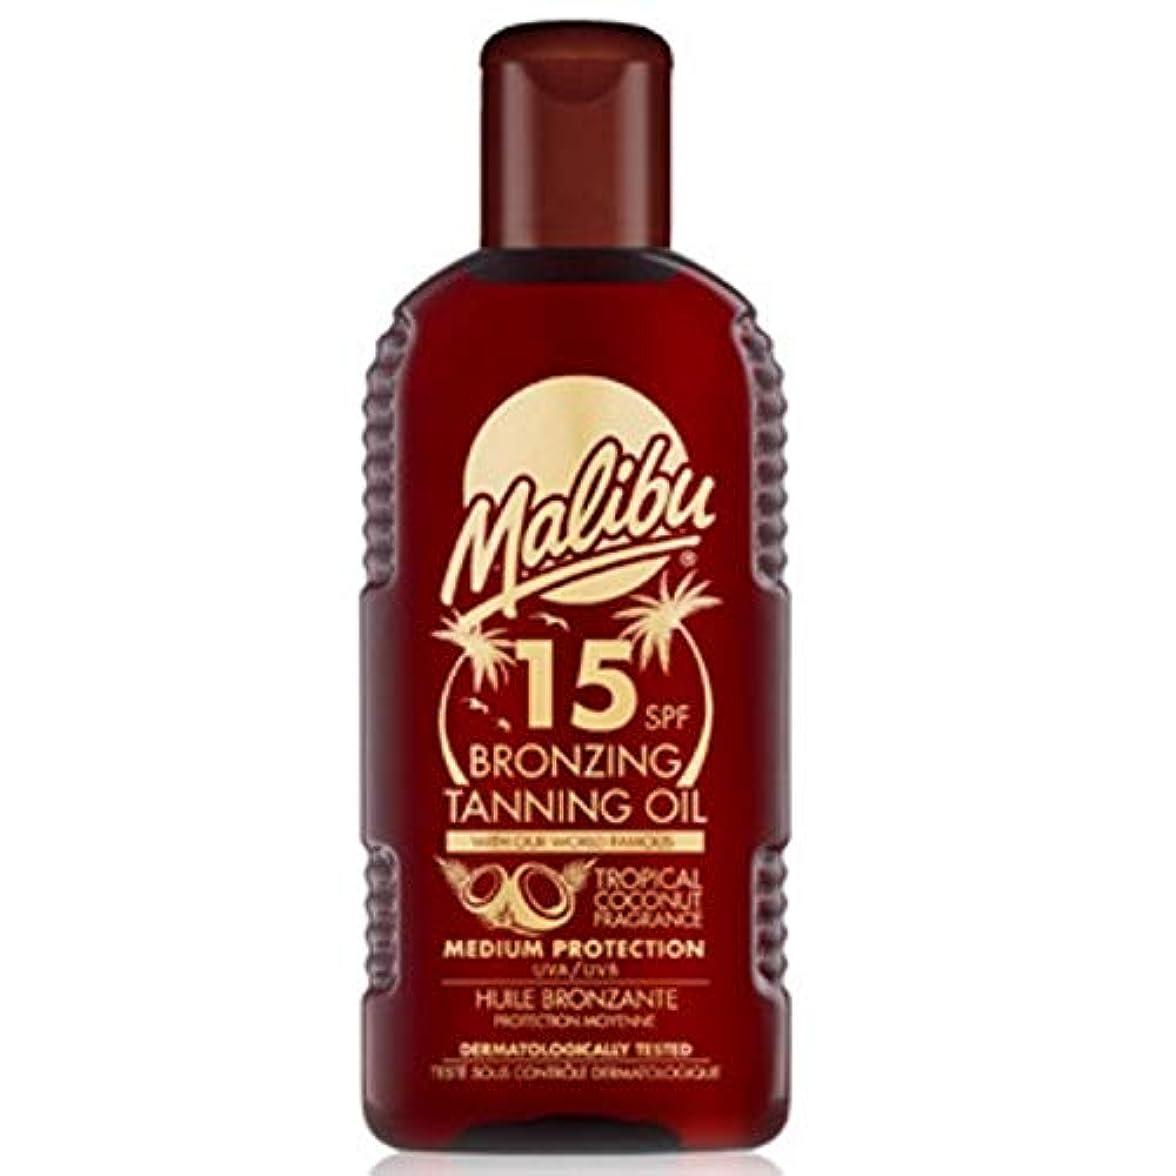 思いやりのある所得収束[Malibu ] マリブブロンズ日焼けオイルSpf 15 - Malibu Bronzing Tanning Oil SPF 15 [並行輸入品]